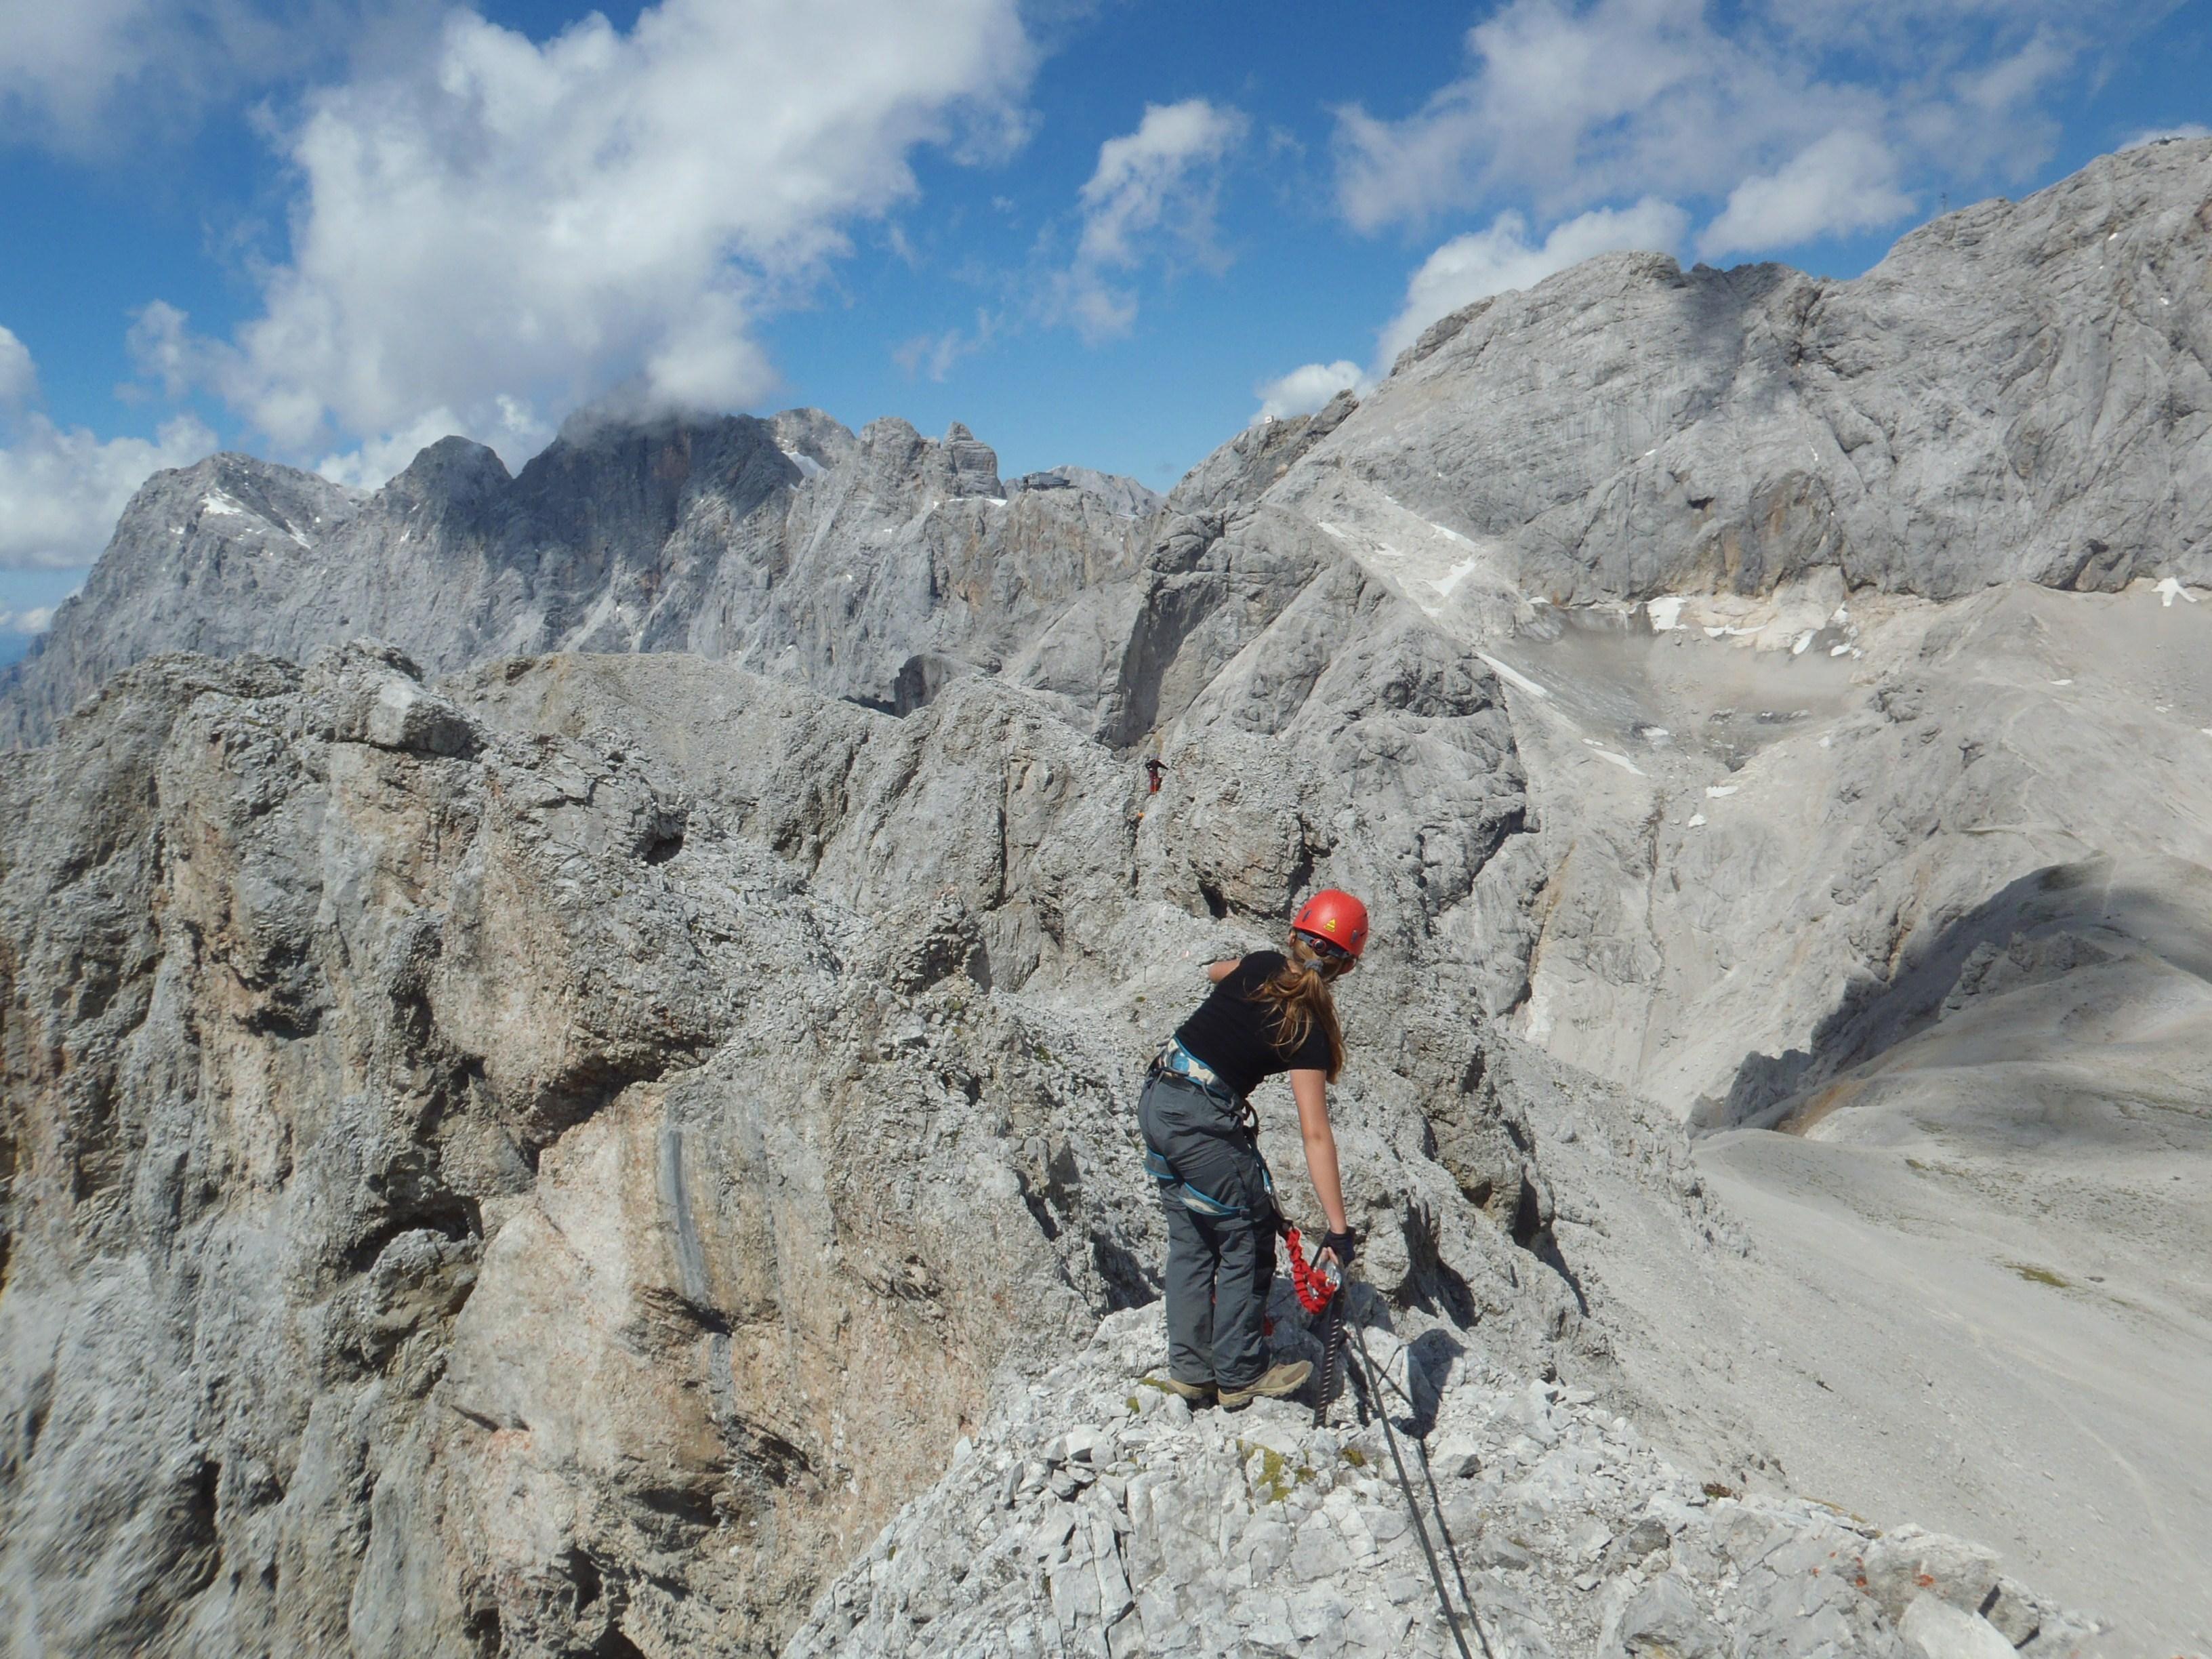 Klettersteig Ramsau : Ramsauer klettersteig bergsteigen.com